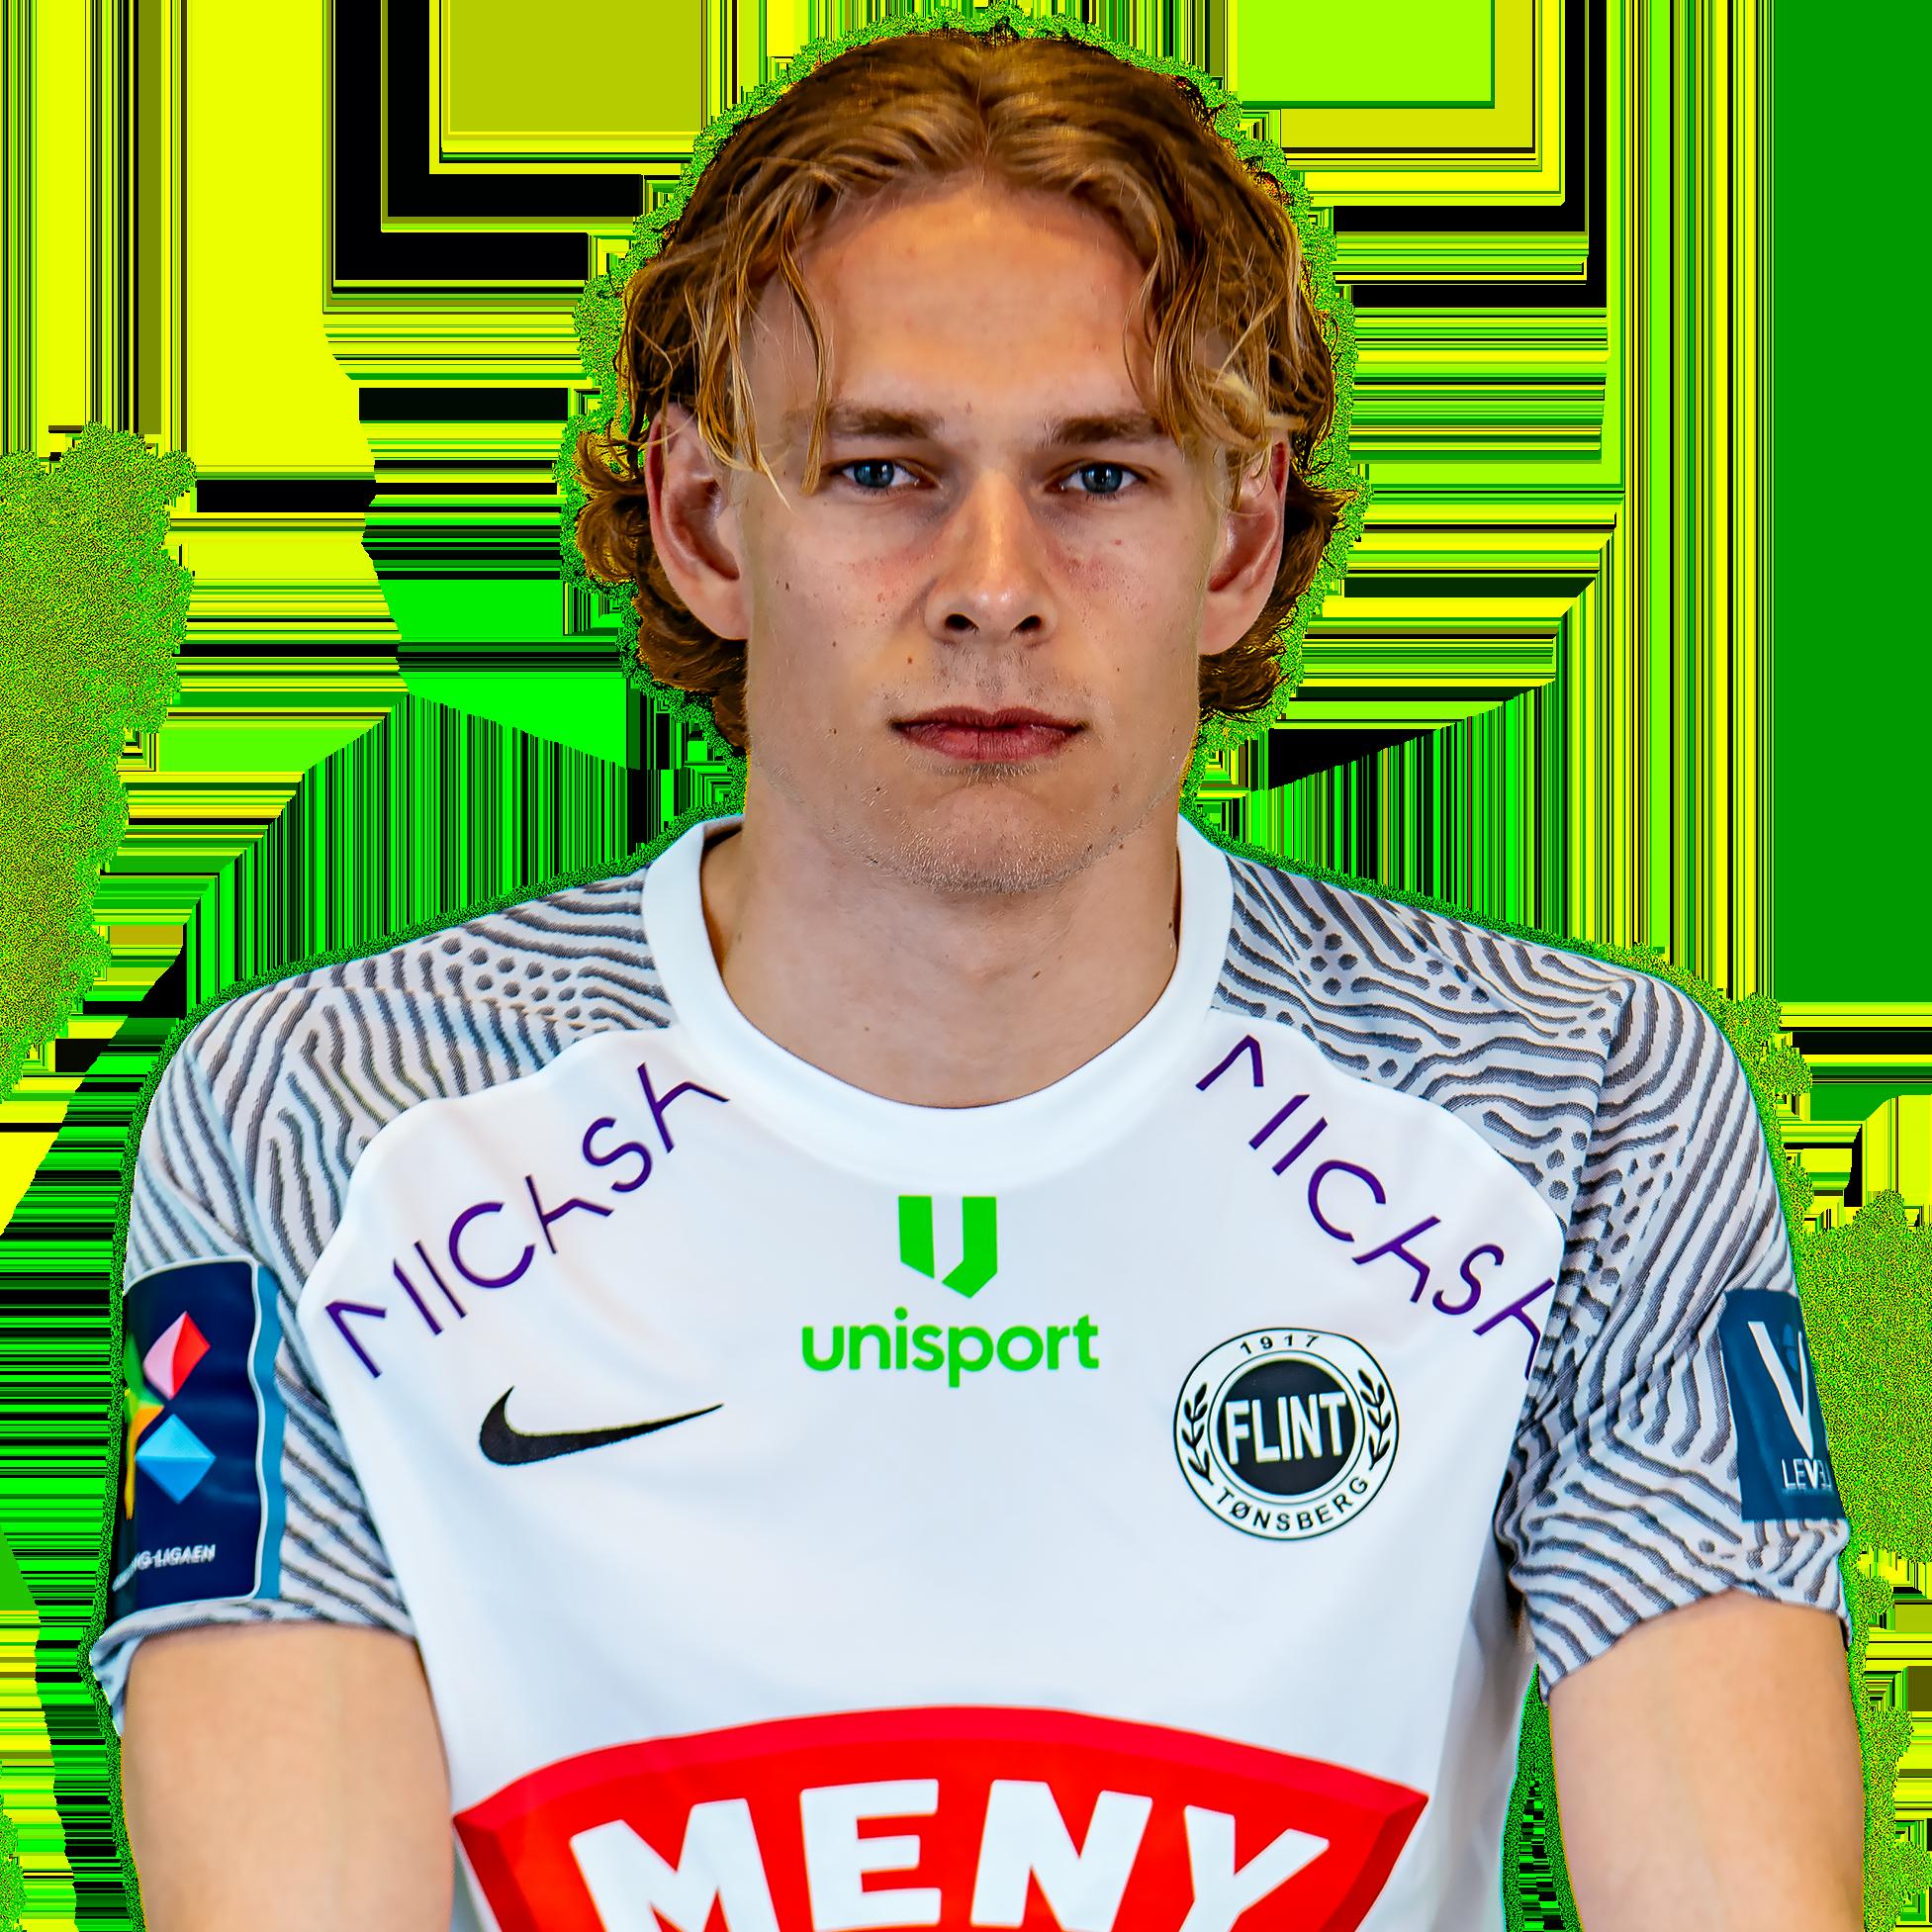 https://www.flintfotball.no/wp-content/uploads/2021/07/Lars-Marelius-Arnesen.png